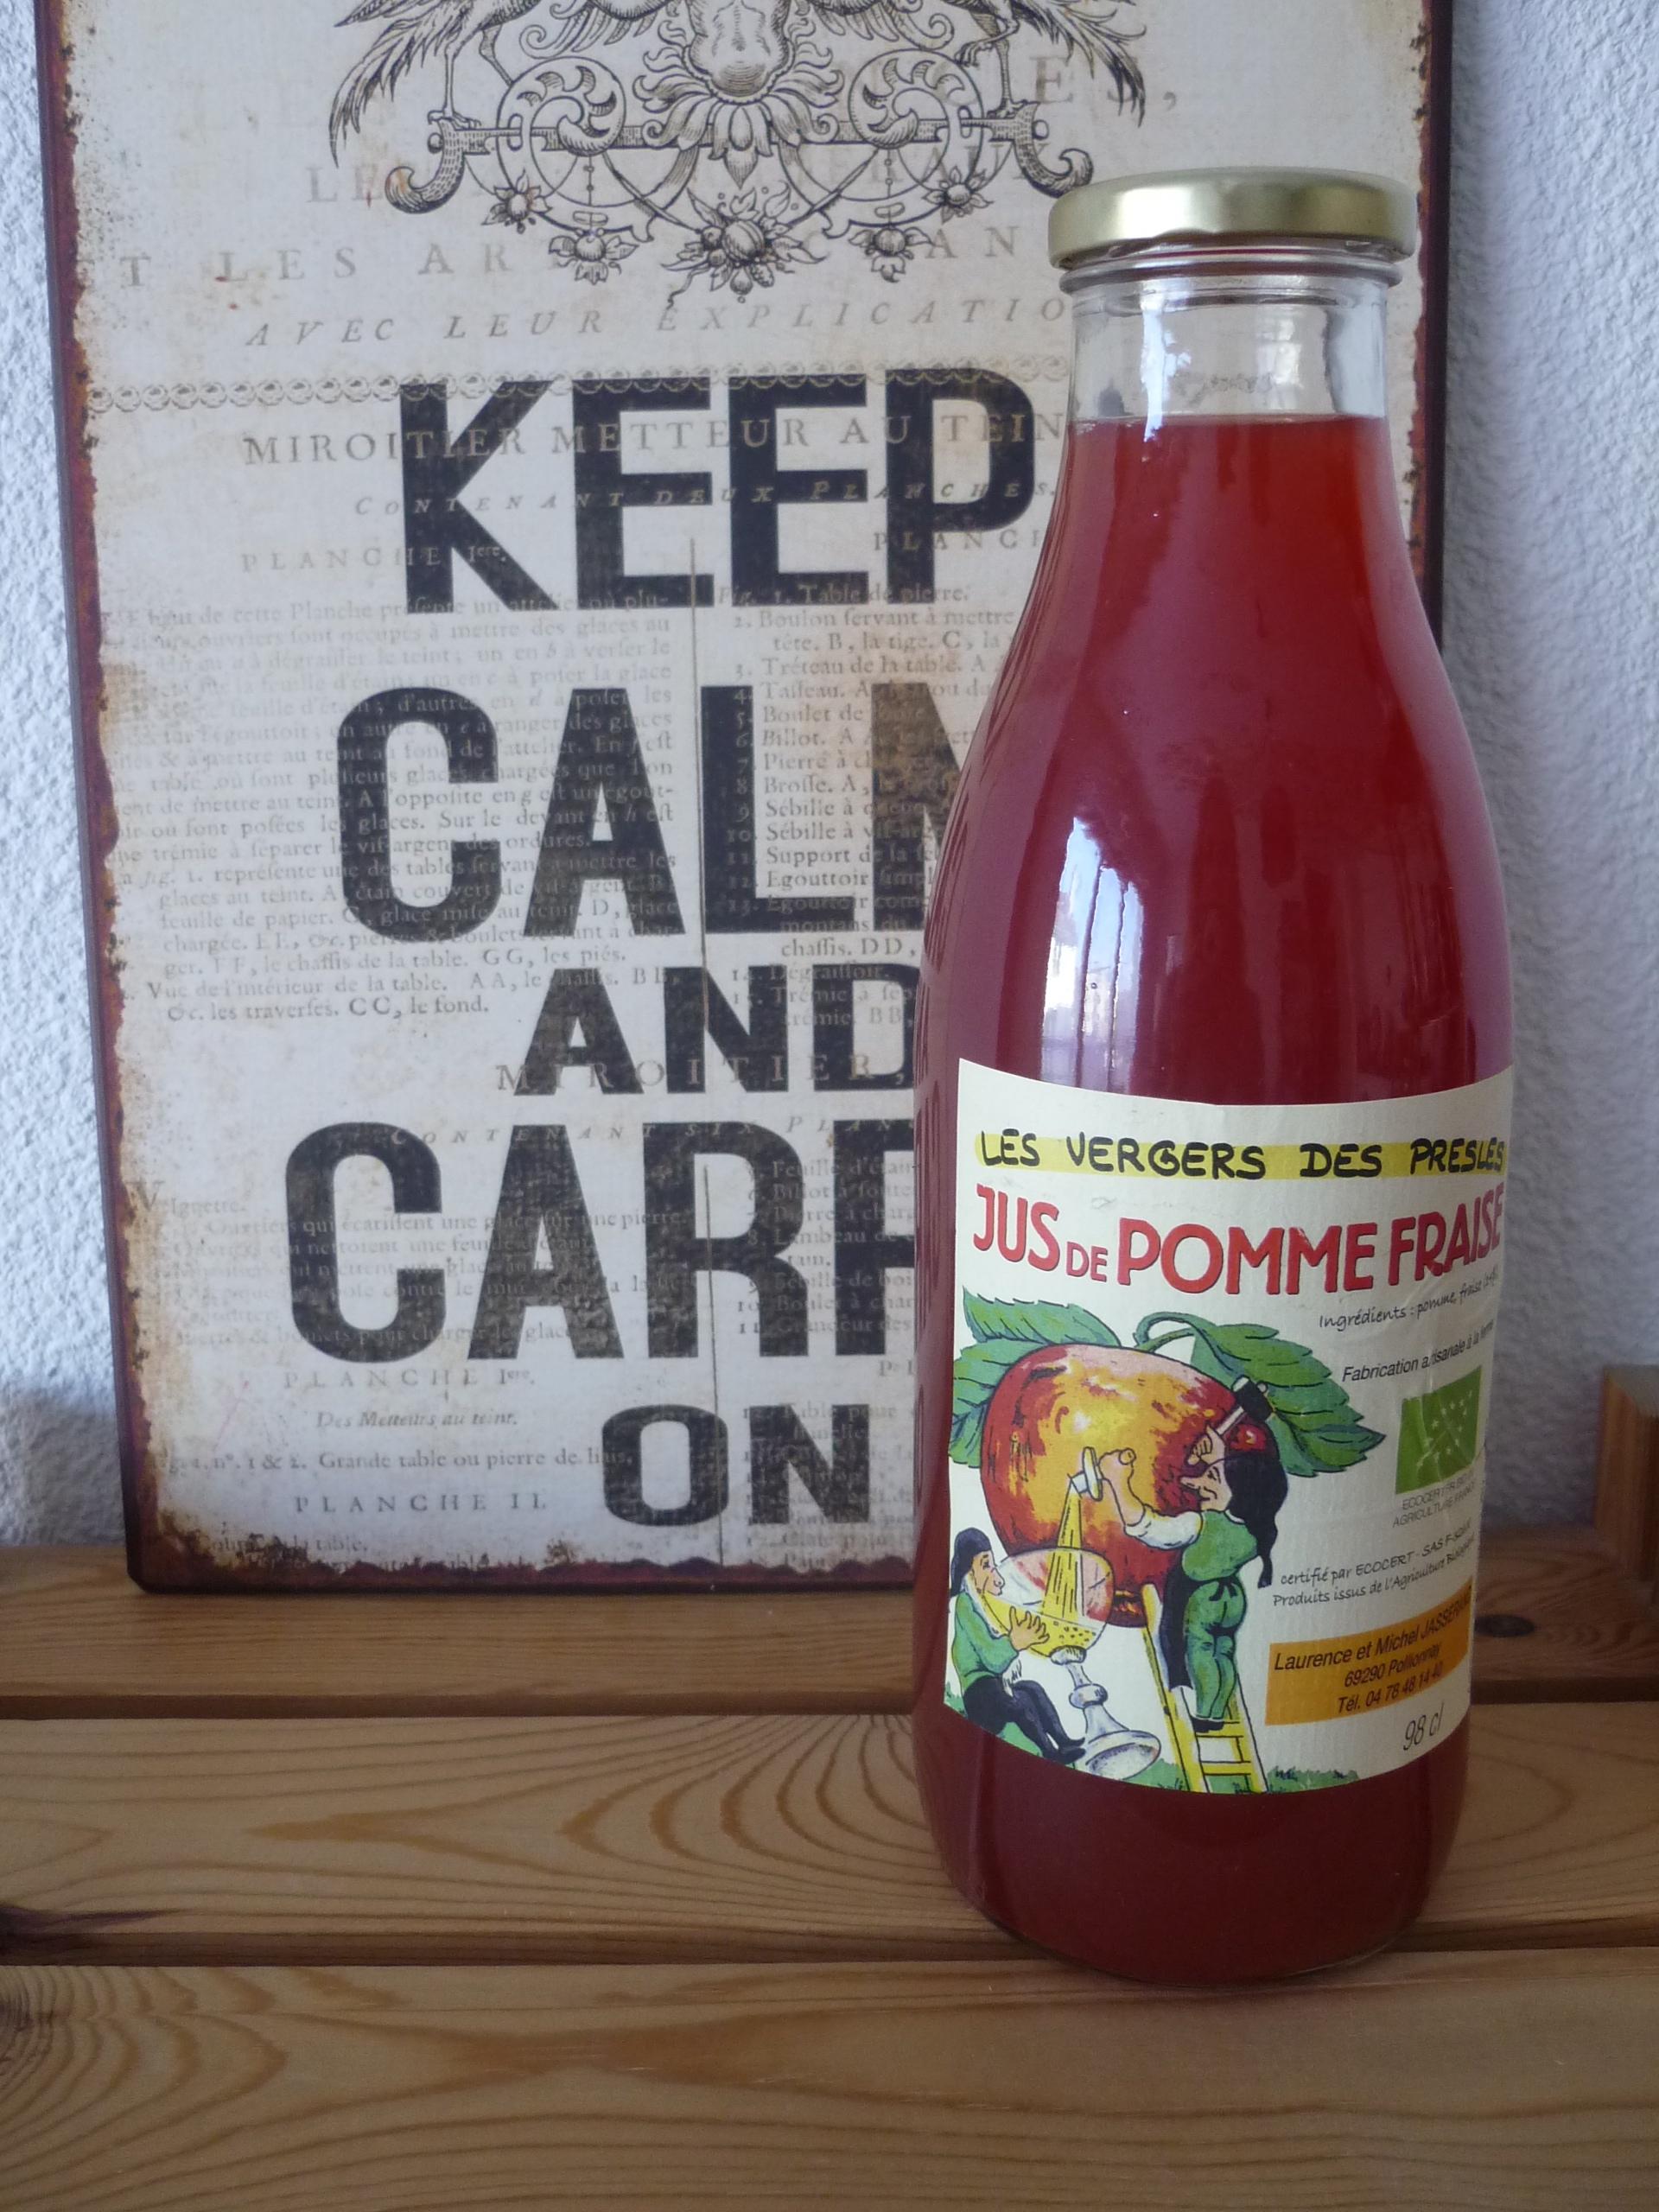 jus pomme fraise court circuit co